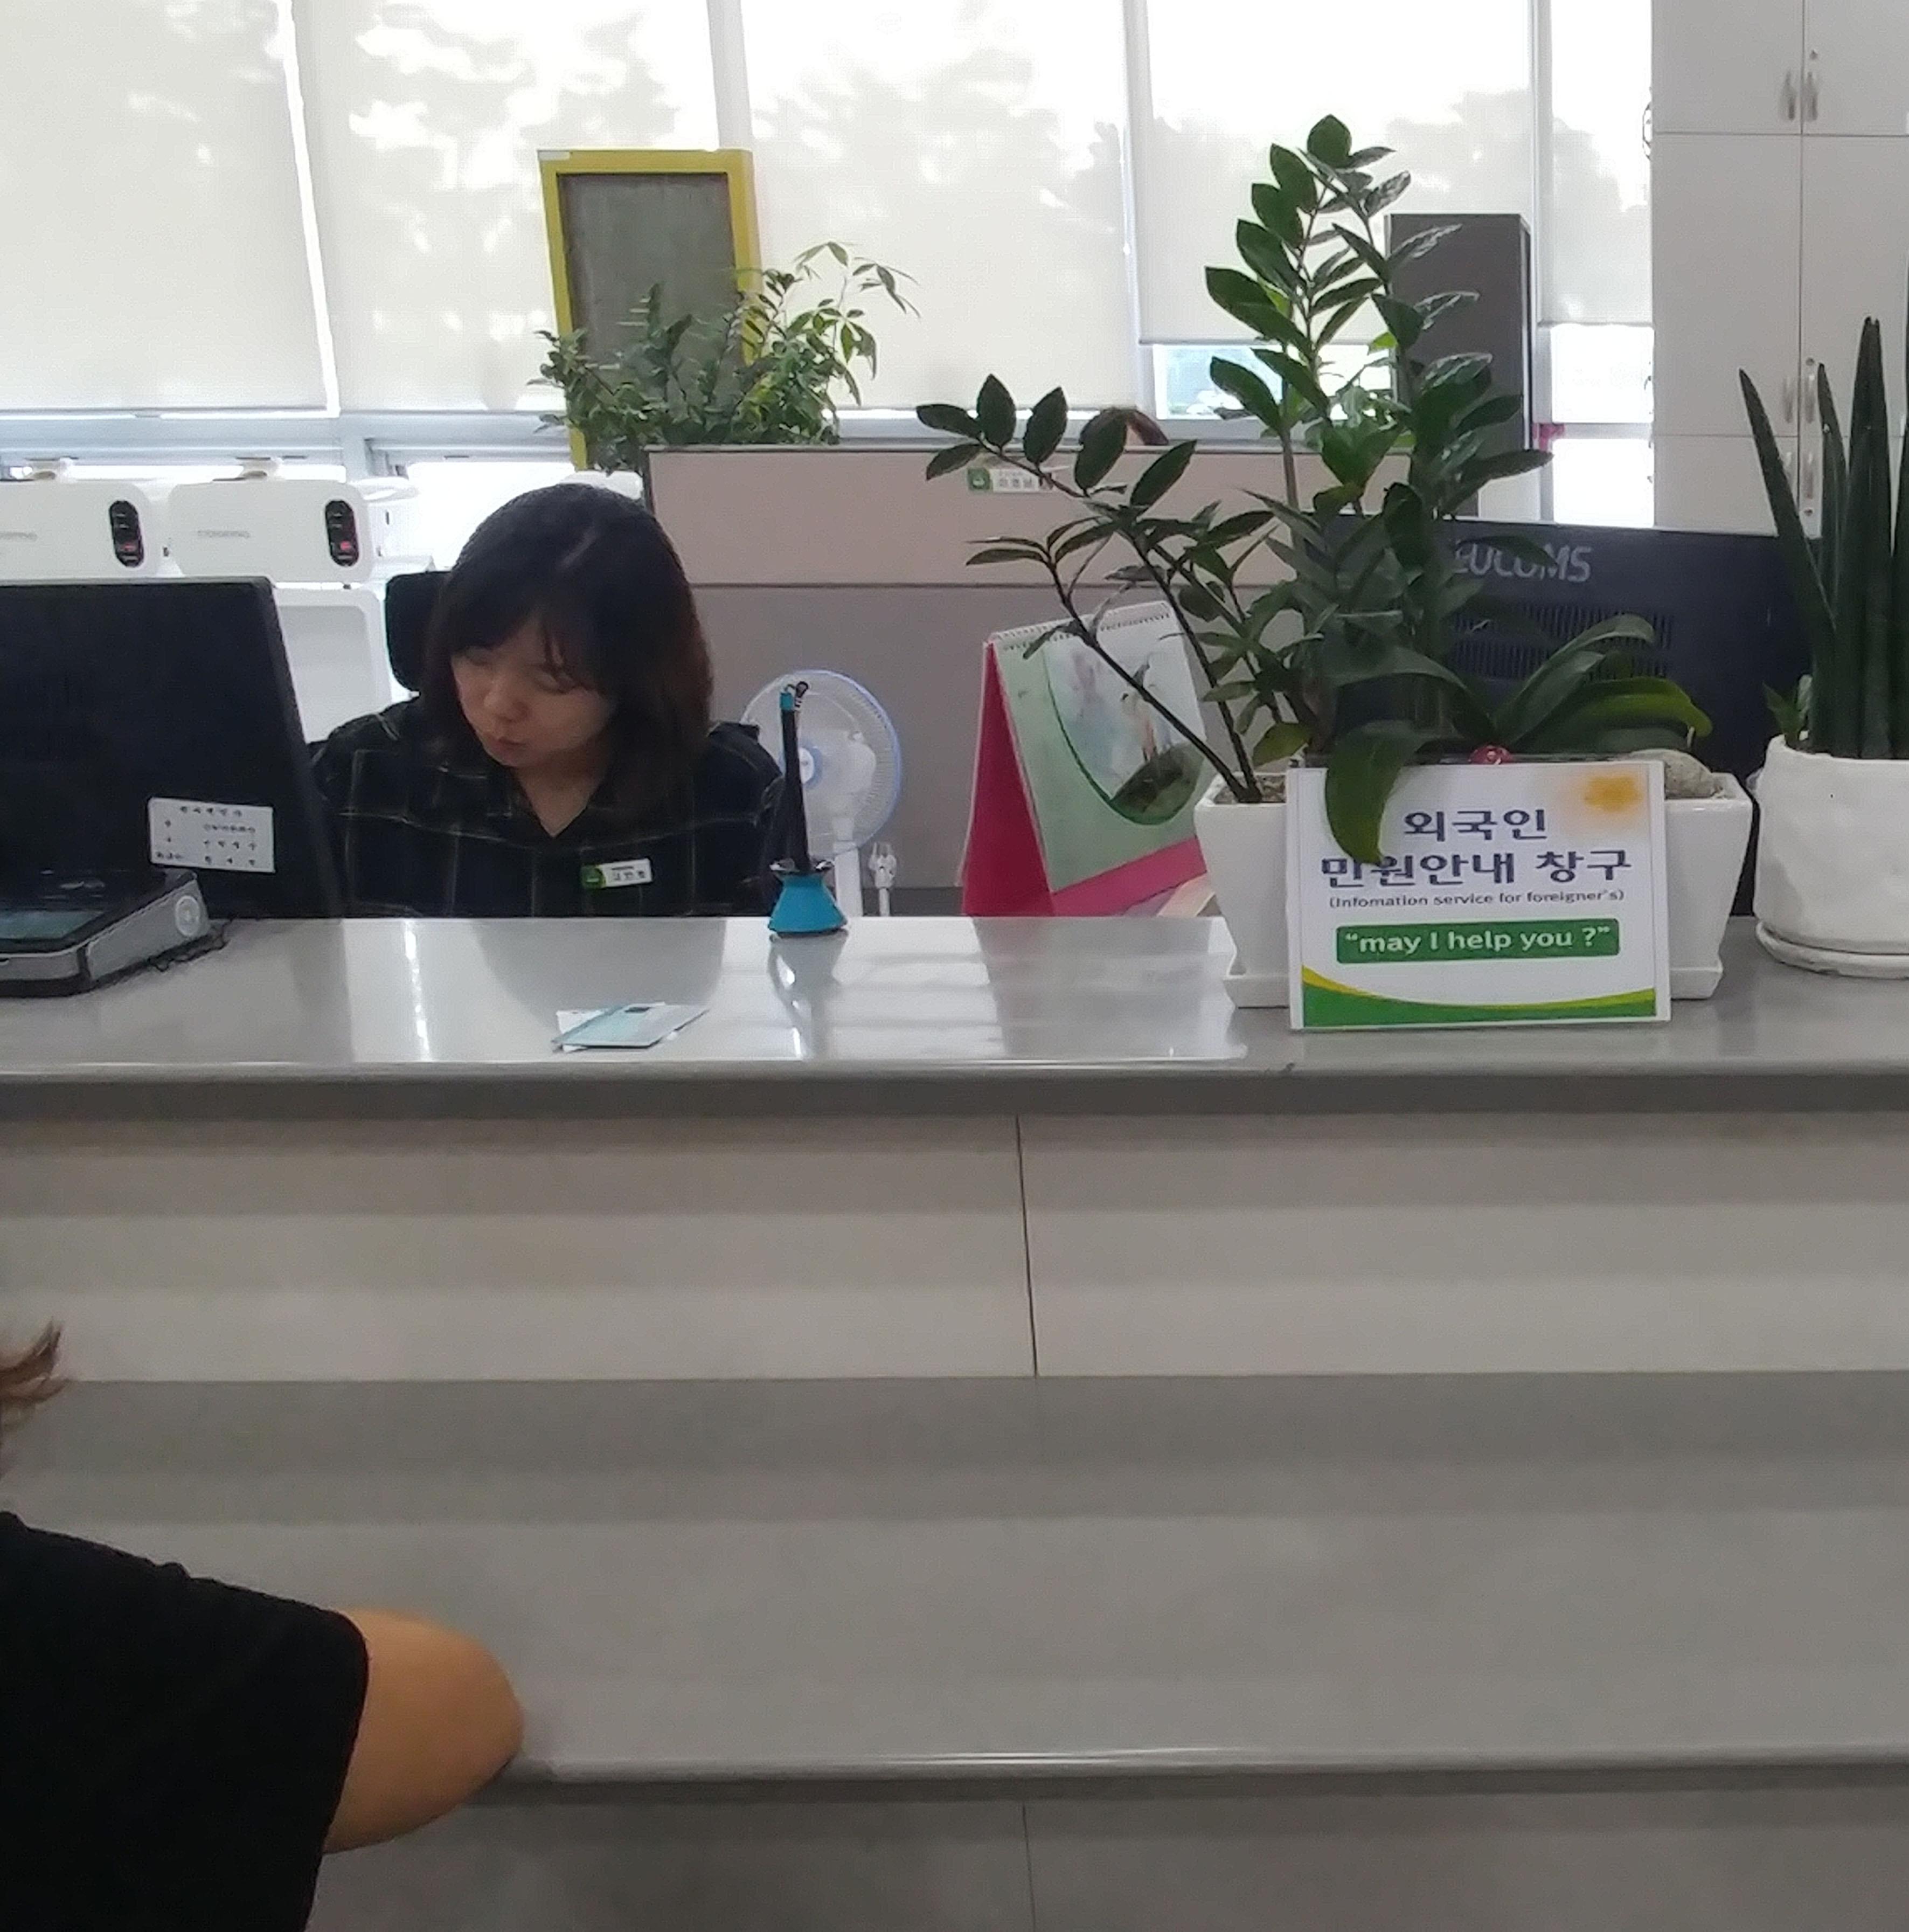 성남시, 외국인·사회적 약자 민원창구 운영